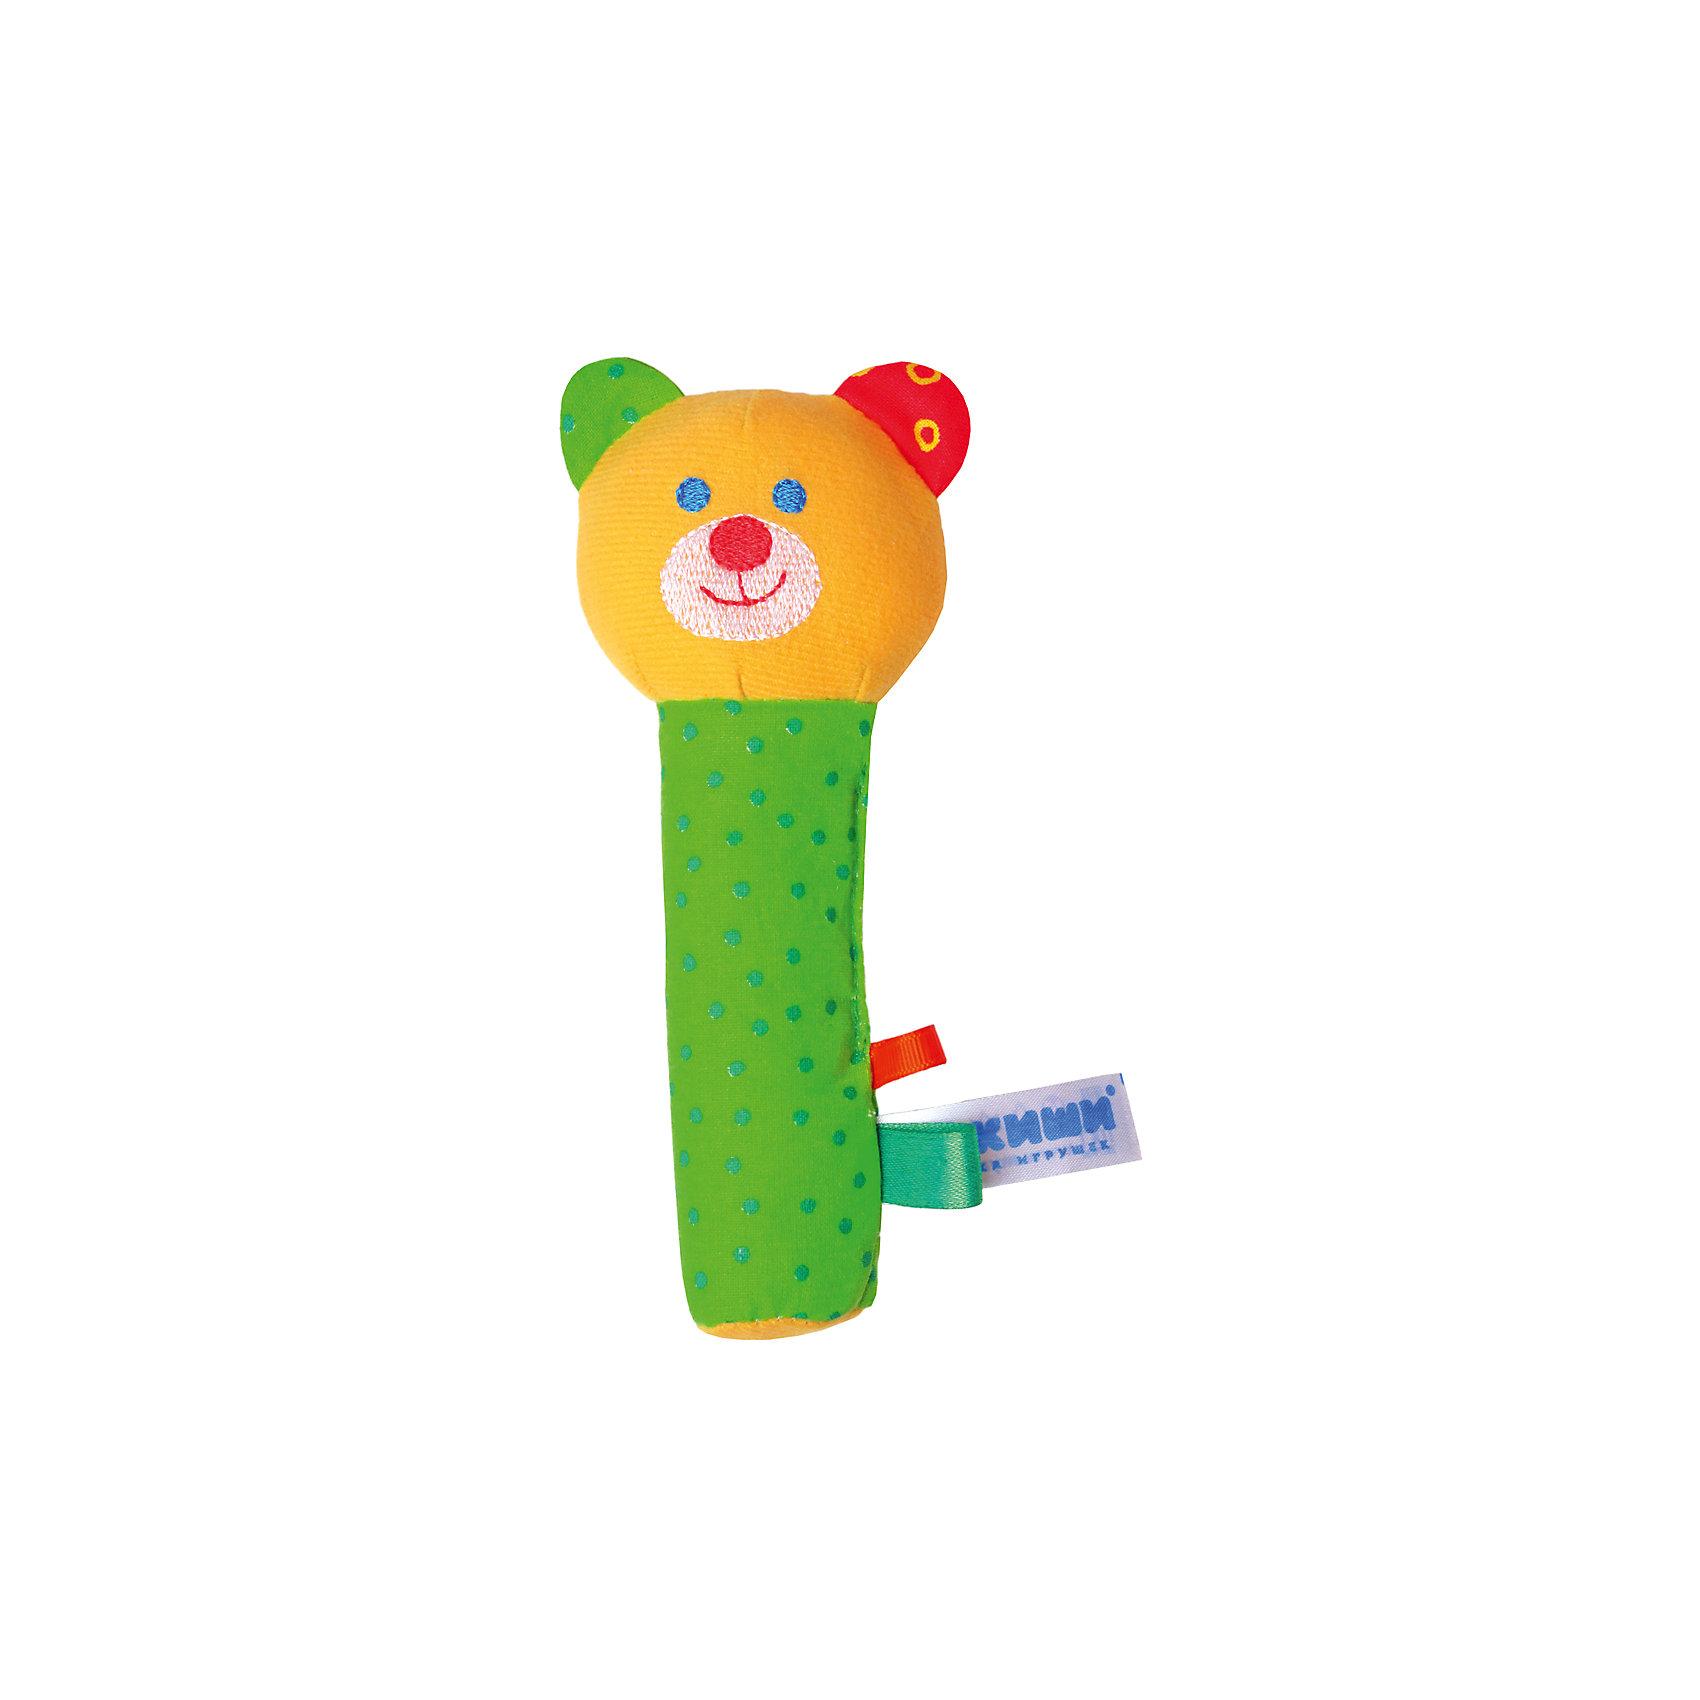 Игрушка Миша, МякишиМягкие игрушки<br>Характеристики товара:<br><br>• материал: разнофактурный текстиль, холлофайбер<br>• комплектация: 1 шт<br>• размер игрушки: 18х9х5 см<br>• звуковой элемент<br>• развивающая игрушка<br>• упаковка: ламинированный картонный холдер<br>• страна бренда: РФ<br>• страна изготовитель: РФ<br><br>Малыши активно познают мир и тянутся к новой информации. Чтобы сделать процесс изучения окружающего пространства интереснее, ребенку можно подарить развивающие игрушки. В процессе игры информация усваивается намного лучше!<br>Такие игрушки помогут занять малыша, играть ими приятно и весело. Одновременно они позволят познакомиться со многими цветами, фактурами, а также научиться извлекать звук. Подобные игрушки развивают тактильные ощущения, моторику, цветовосприятие, логику, воображение, учат фокусировать внимание. Каждое изделие абсолютно безопасно – оно создано из качественной ткани с мягким наполнителем. Игрушки производятся из качественных и проверенных материалов, которые безопасны для детей.<br><br>Игрушку Миша от бренда Мякиши можно купить в нашем интернет-магазине.<br><br>Ширина мм: 170<br>Глубина мм: 40<br>Высота мм: 70<br>Вес г: 40<br>Возраст от месяцев: 12<br>Возраст до месяцев: 36<br>Пол: Унисекс<br>Возраст: Детский<br>SKU: 5183202